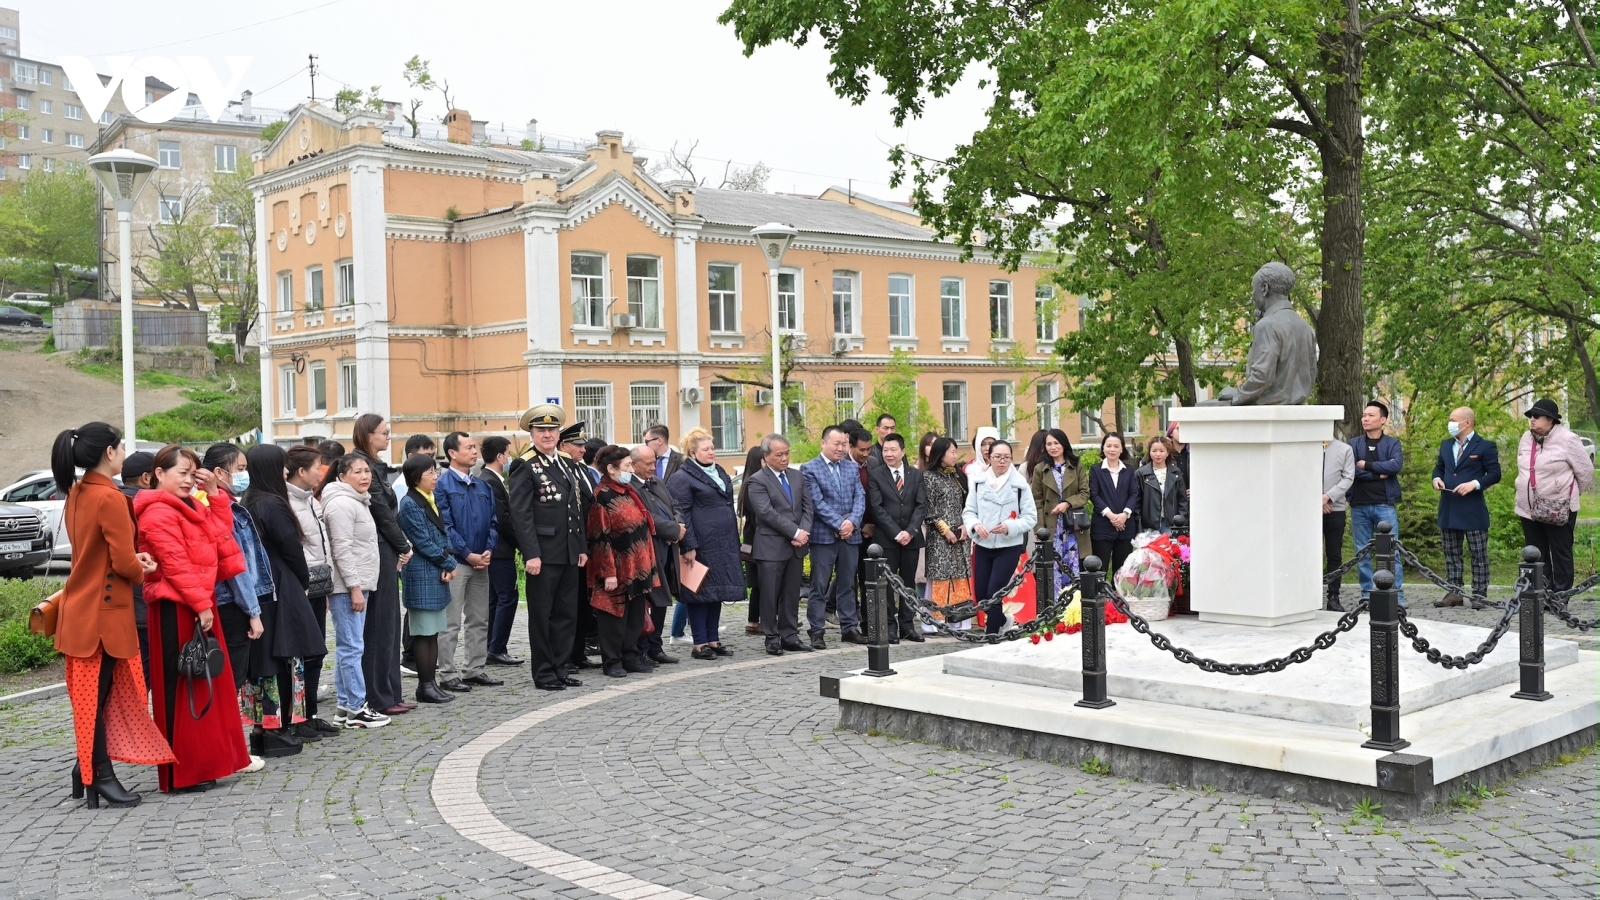 Lễ dâng hoa nhân kỷ niệm 131 năm ngày sinh Chủ tịch Hồ Chí Minh tại Liên bangNga